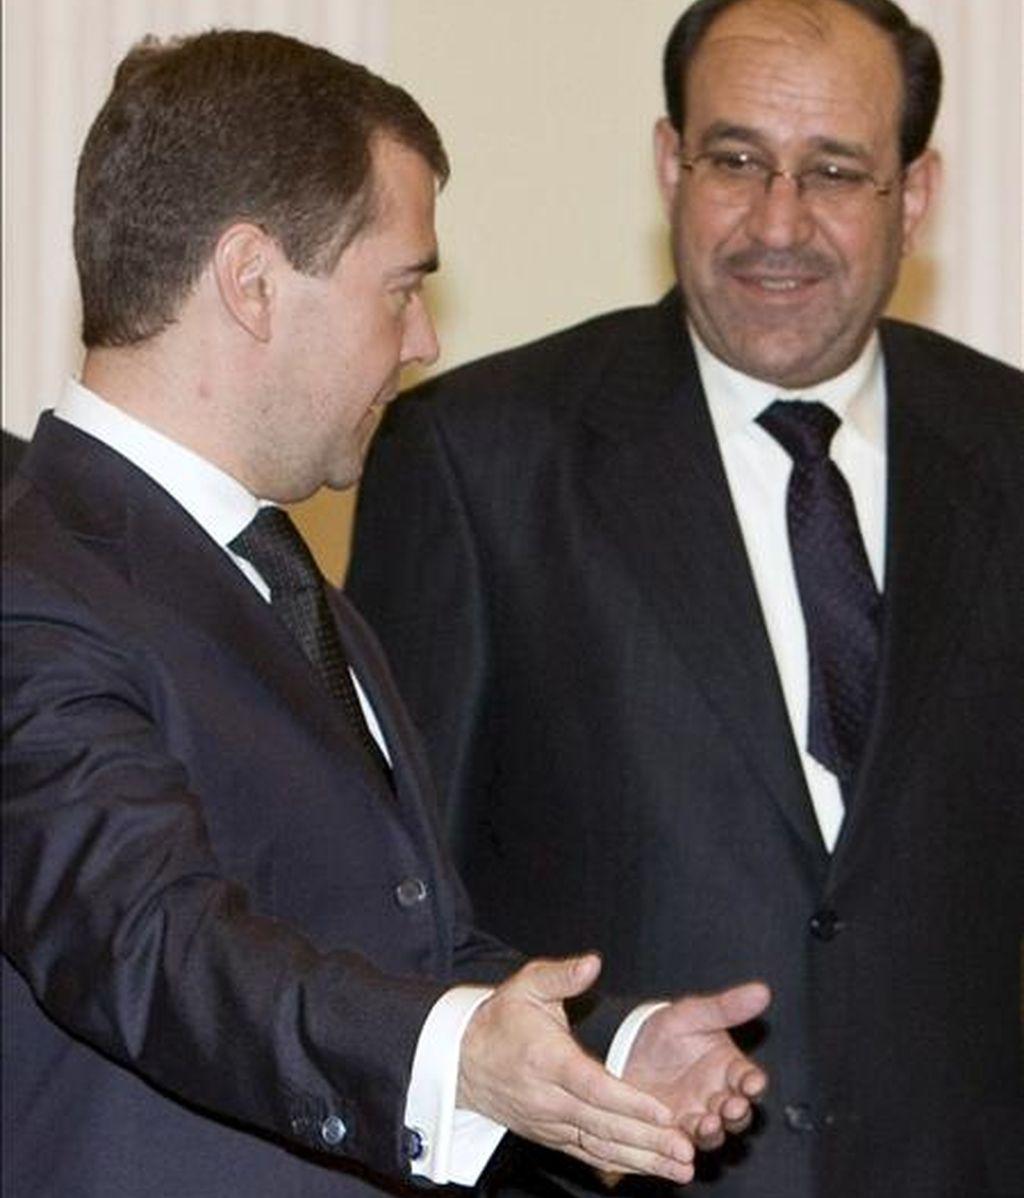 El primer ministro iraquí, Nuri al-Maliki (i), y el presidente ruso, Dmitri Medvédev (d), durante una reunión hoy en Moscú. EFE